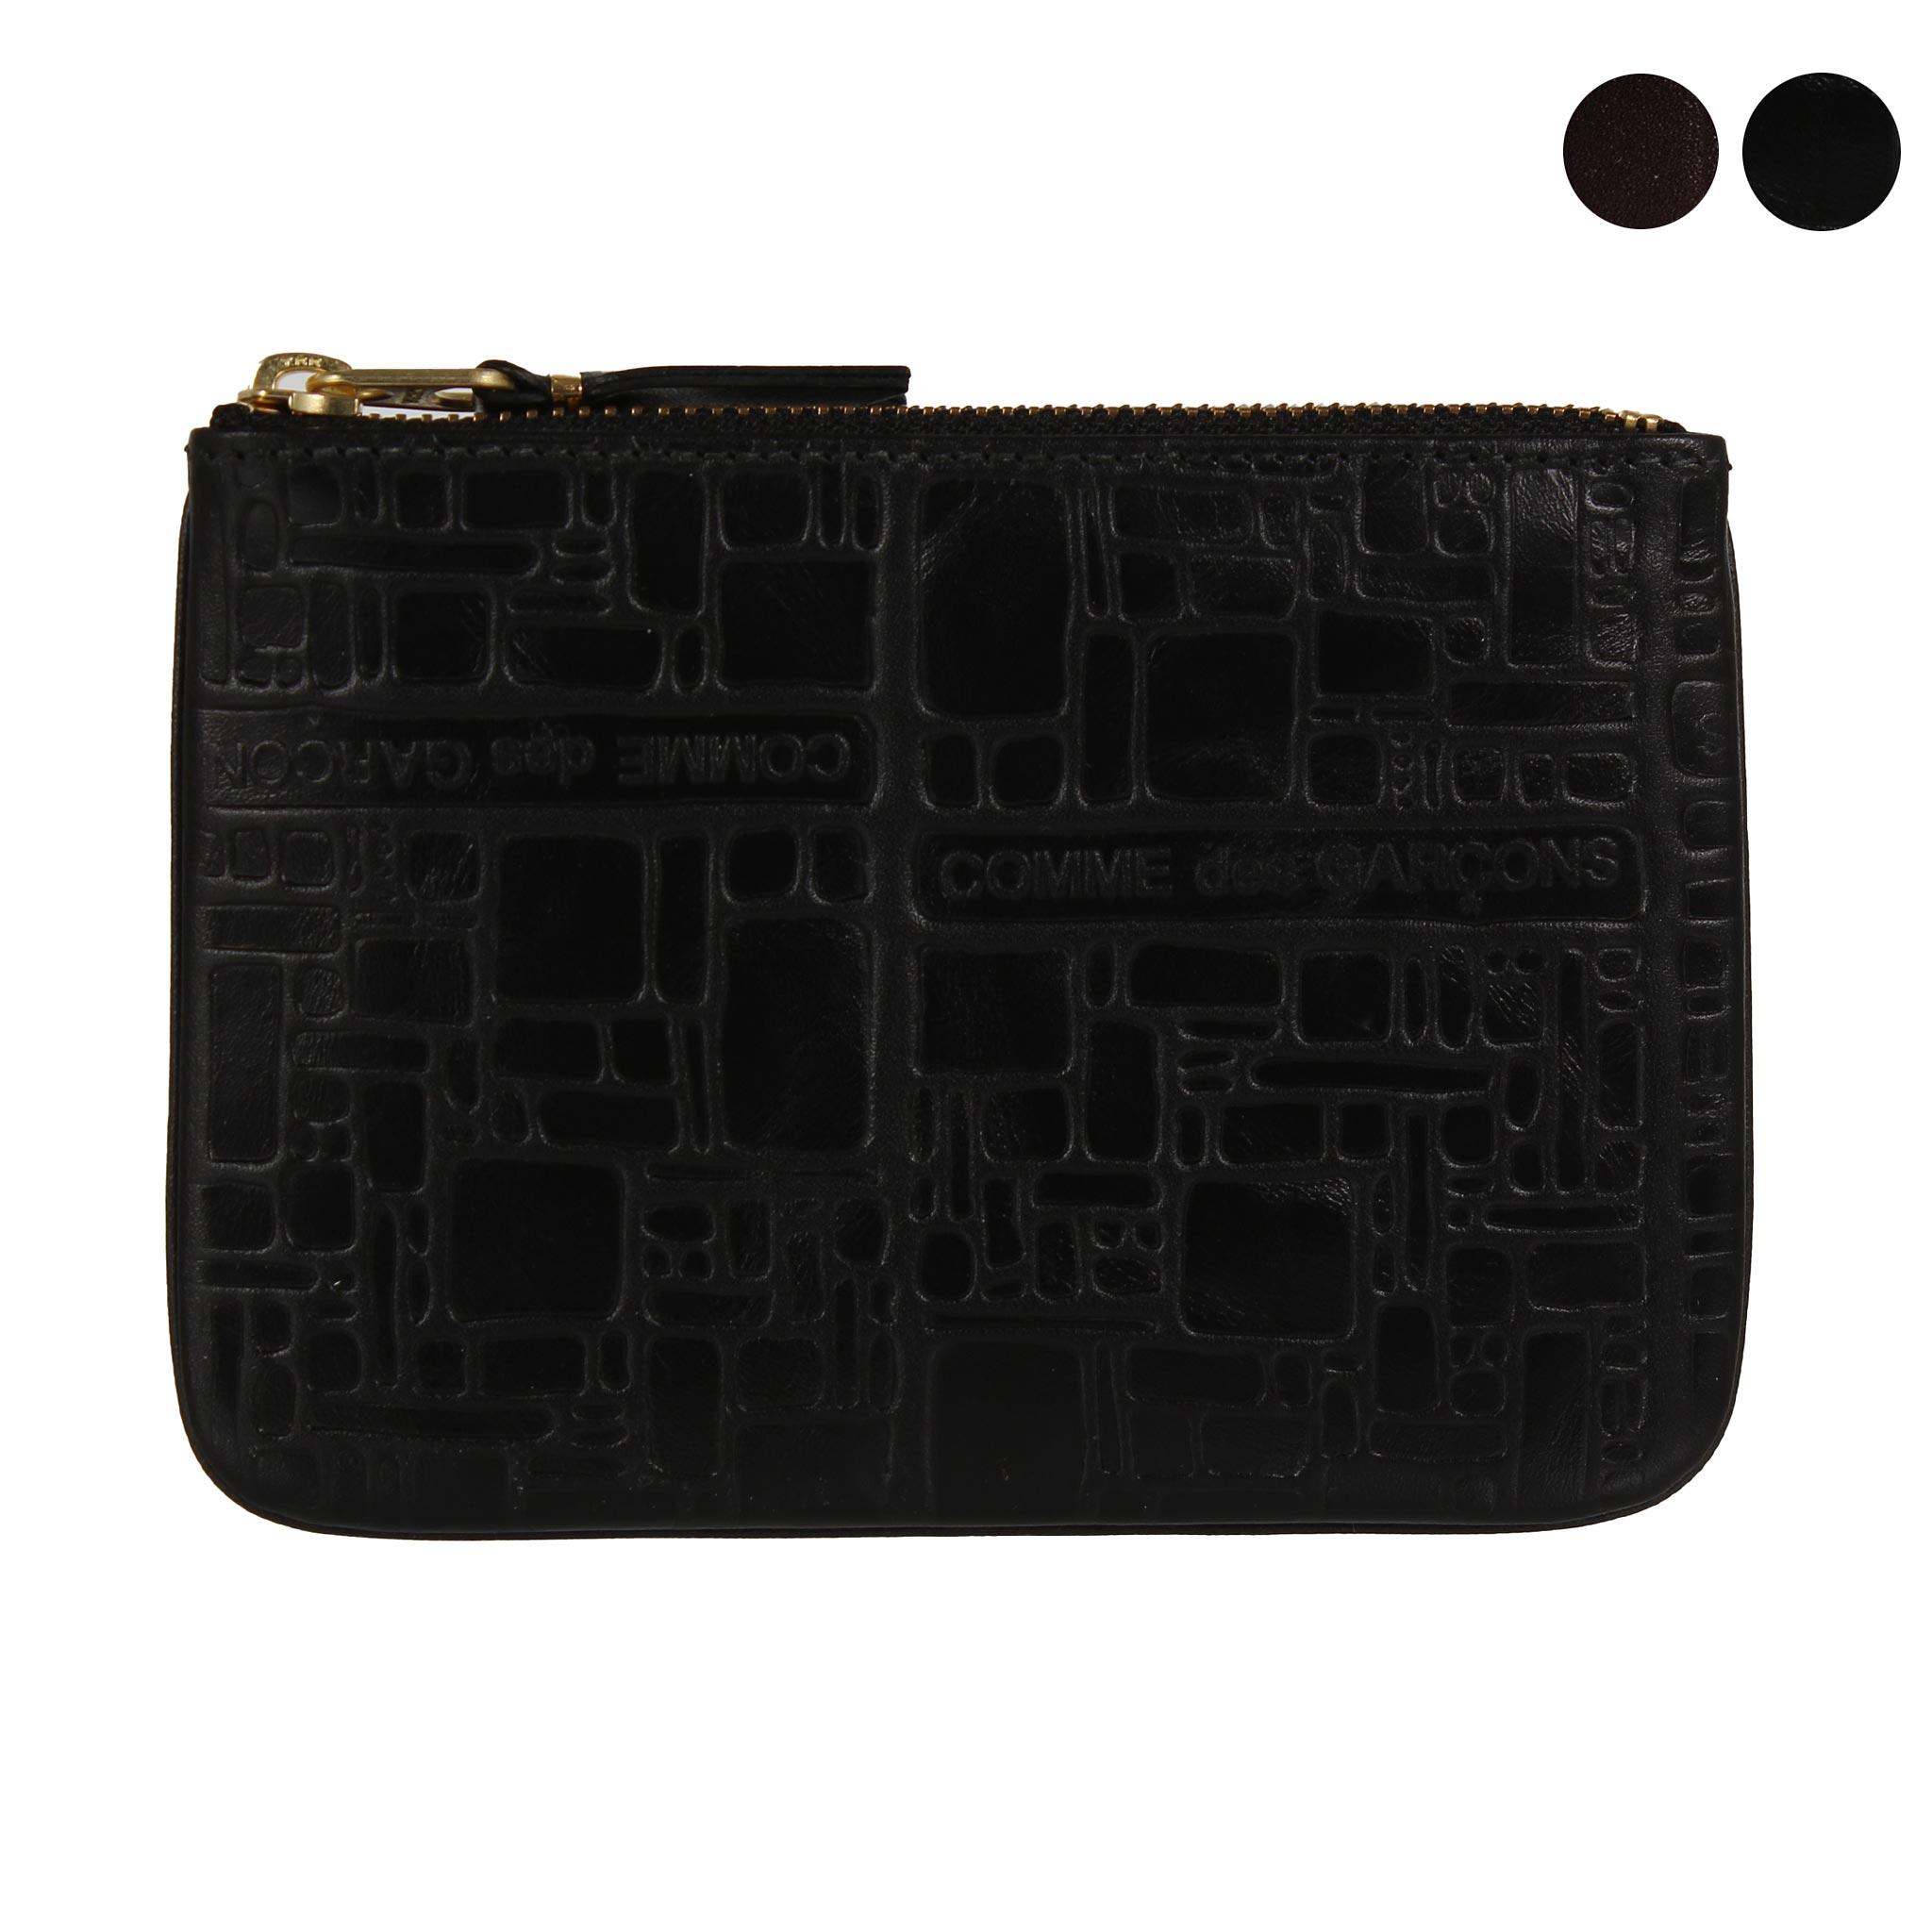 コムデギャルソン COMME DES GARCONS 財布 コインケース ブラック 黒 EMBOSSED LOGOTYPE SA8100EL BLACK